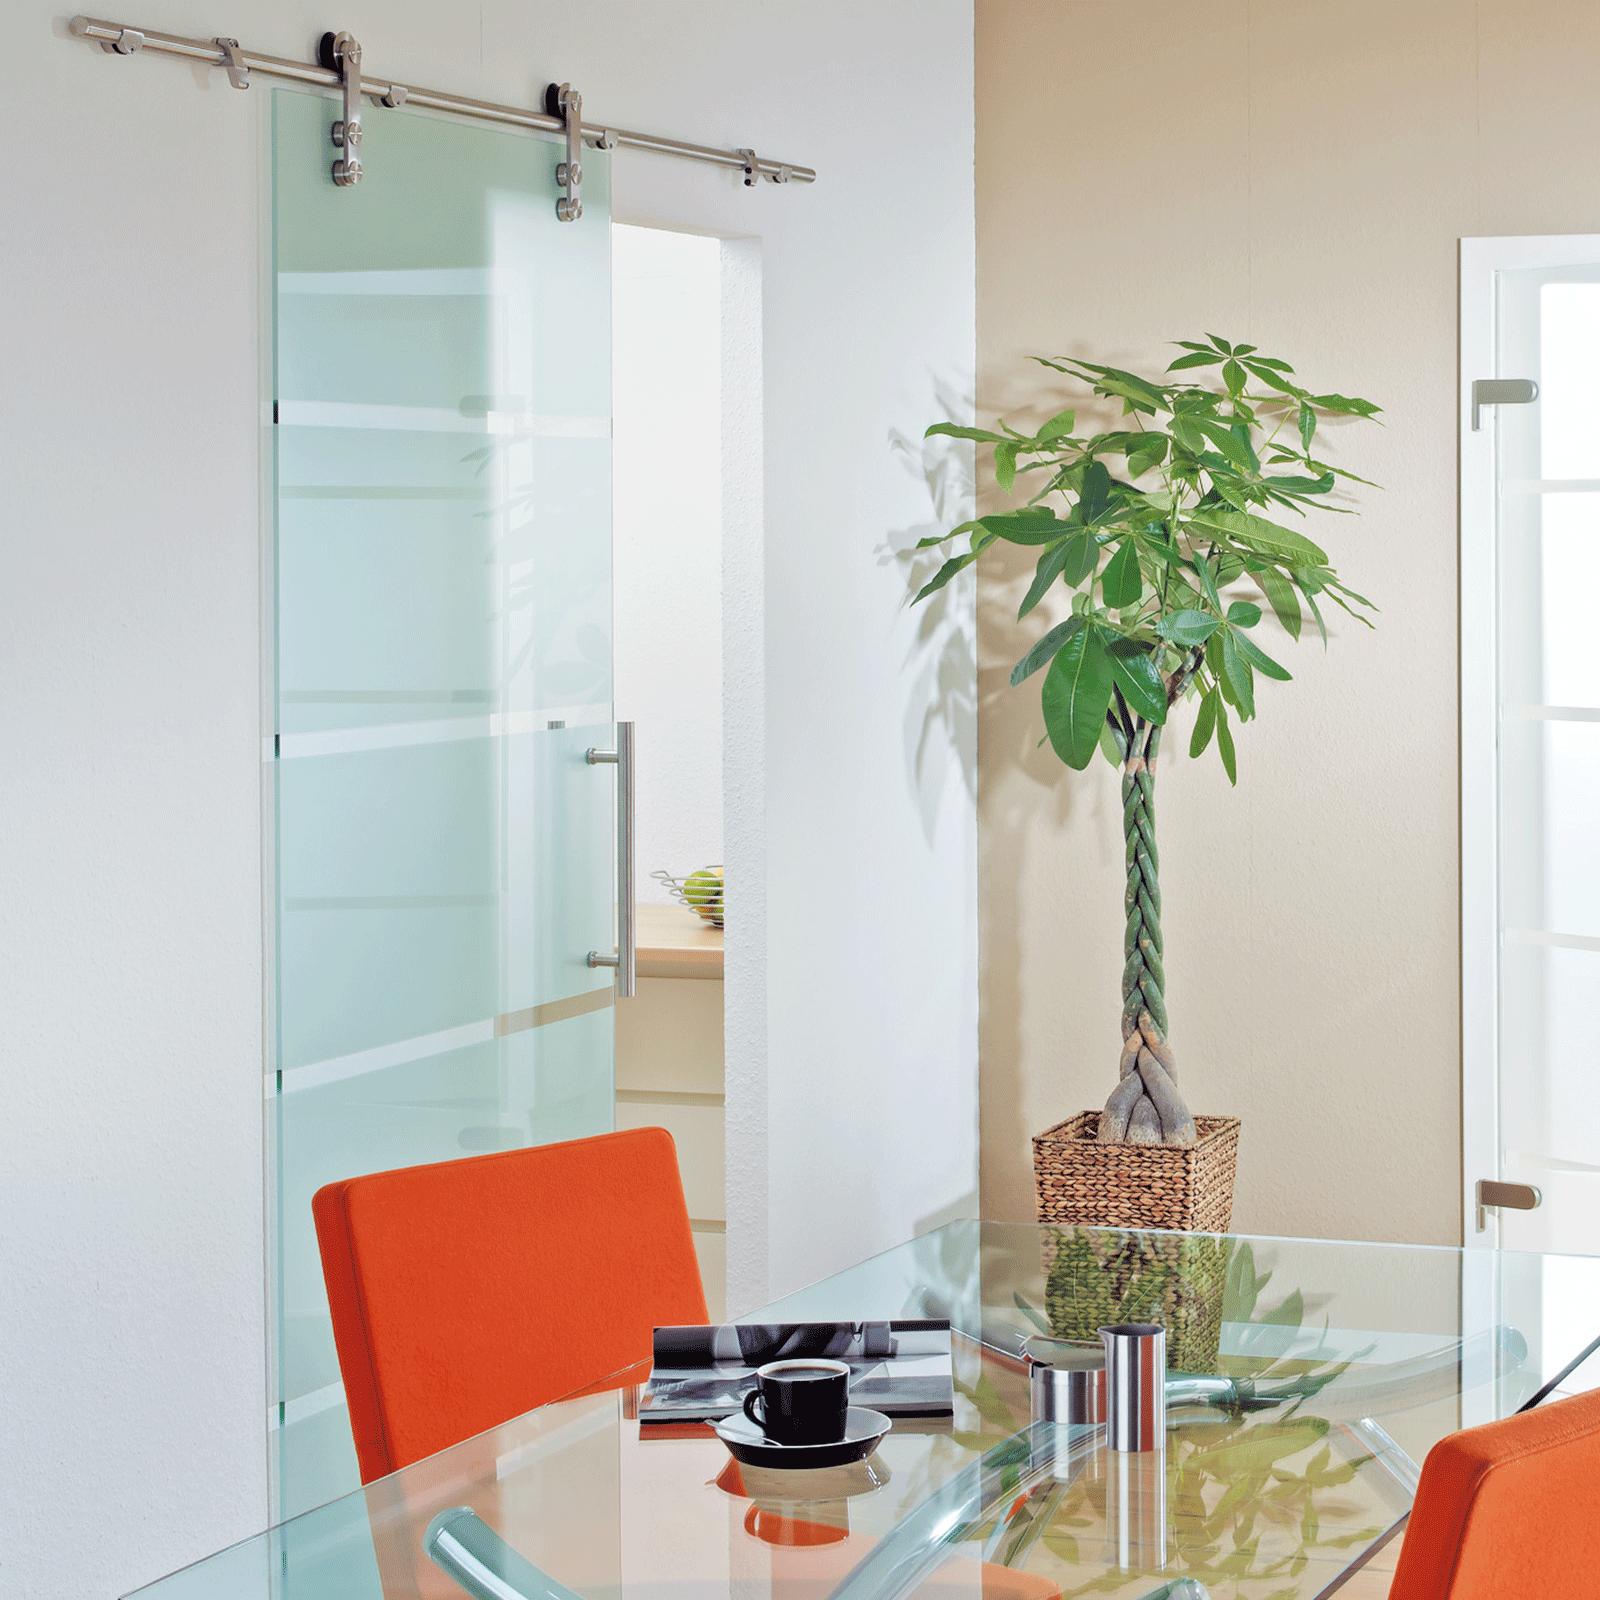 glasschiebet r offenes system blockstreifen 900x2080mm stangengriff 8mm ebay. Black Bedroom Furniture Sets. Home Design Ideas